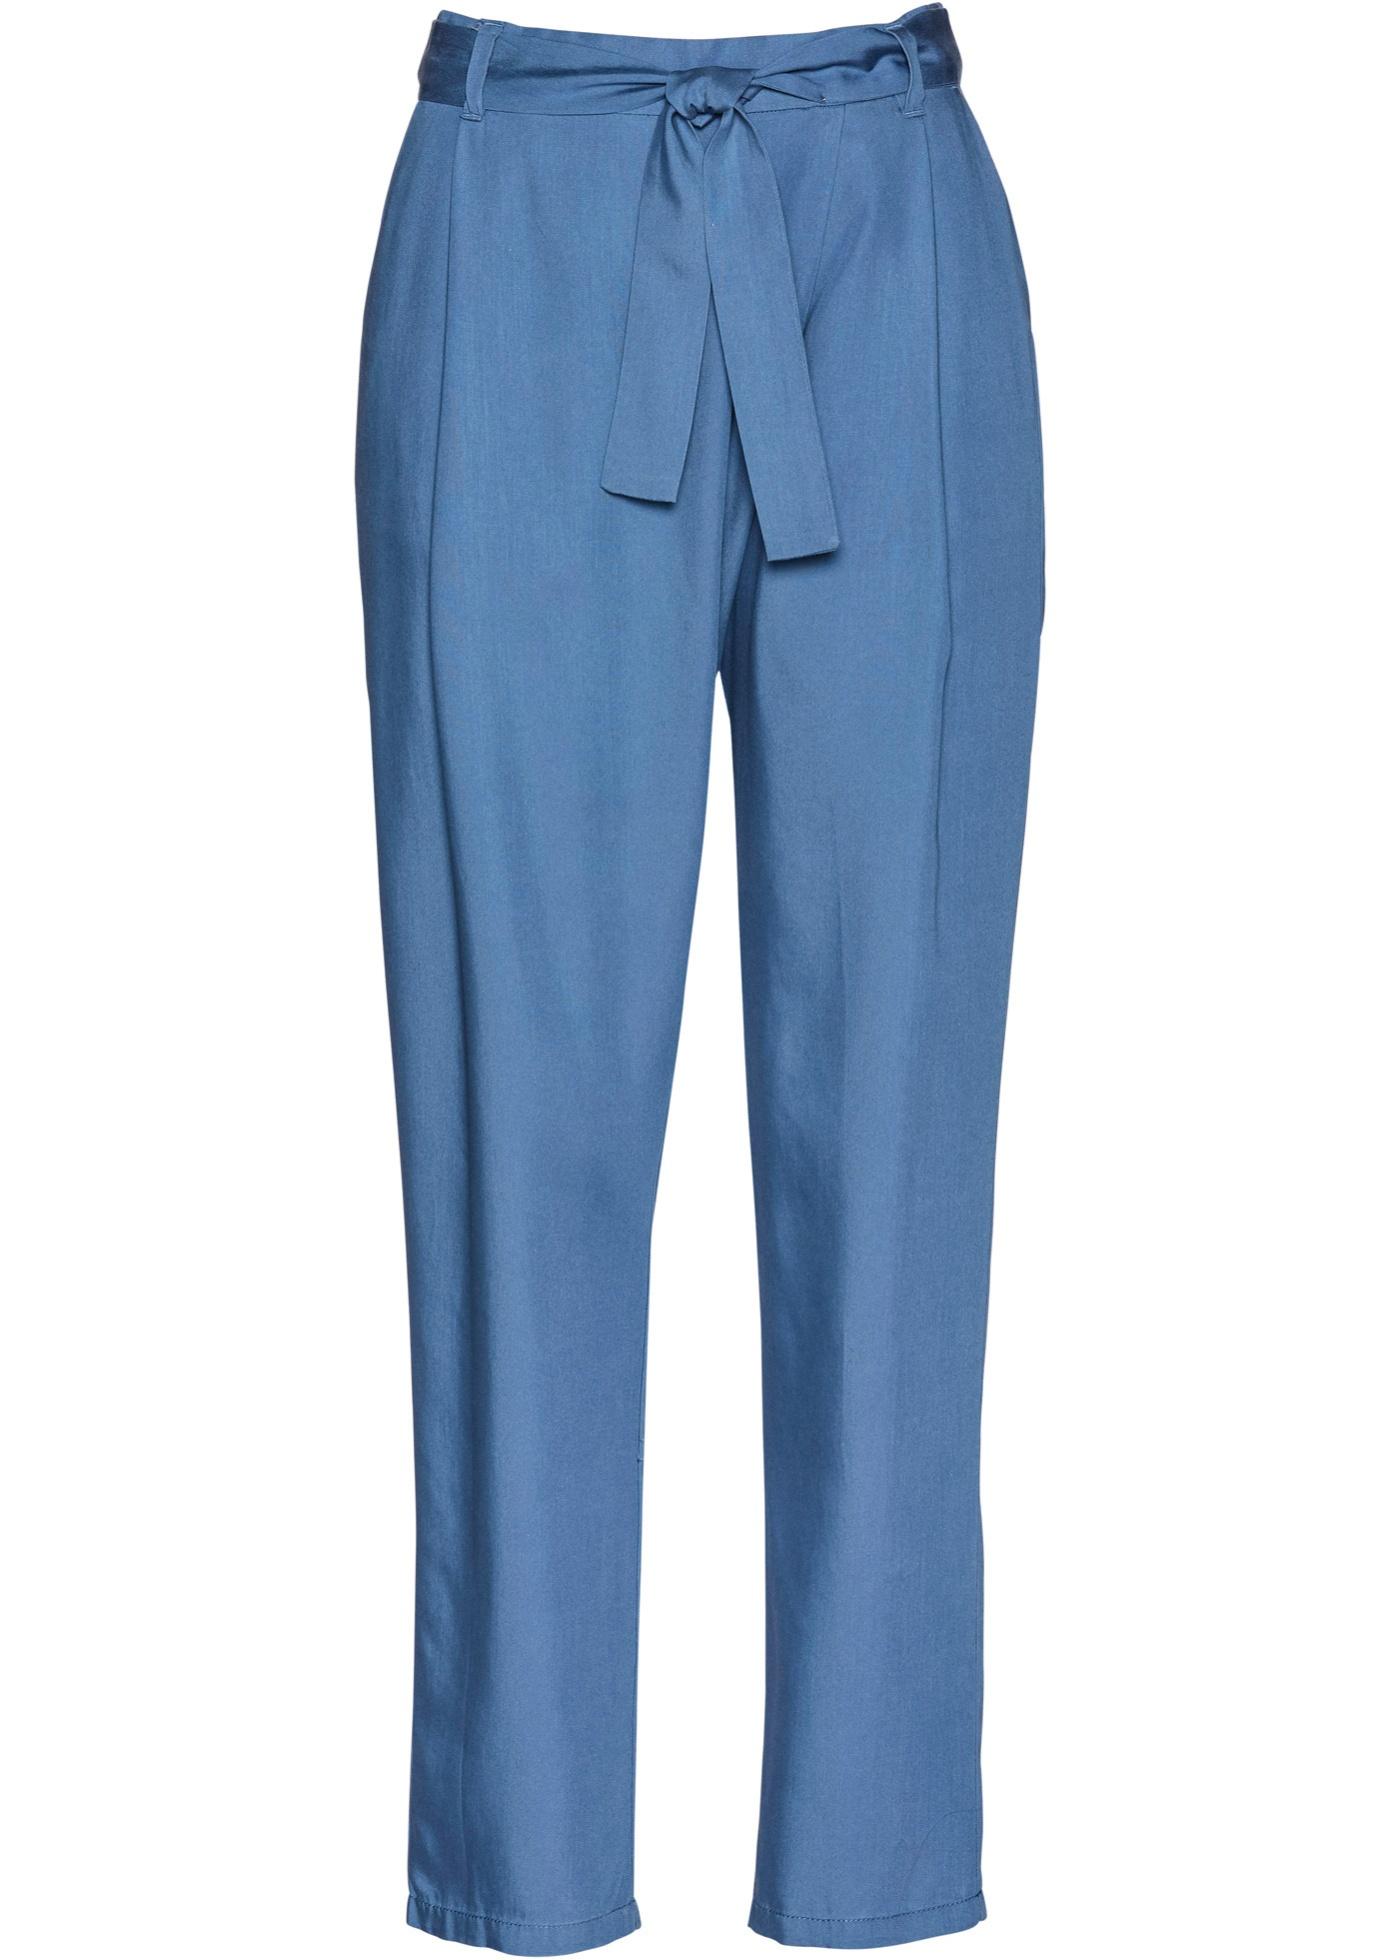 Bundfaltenhose aus TENCEL™ Lyocelll in blau für Damen von bonprix